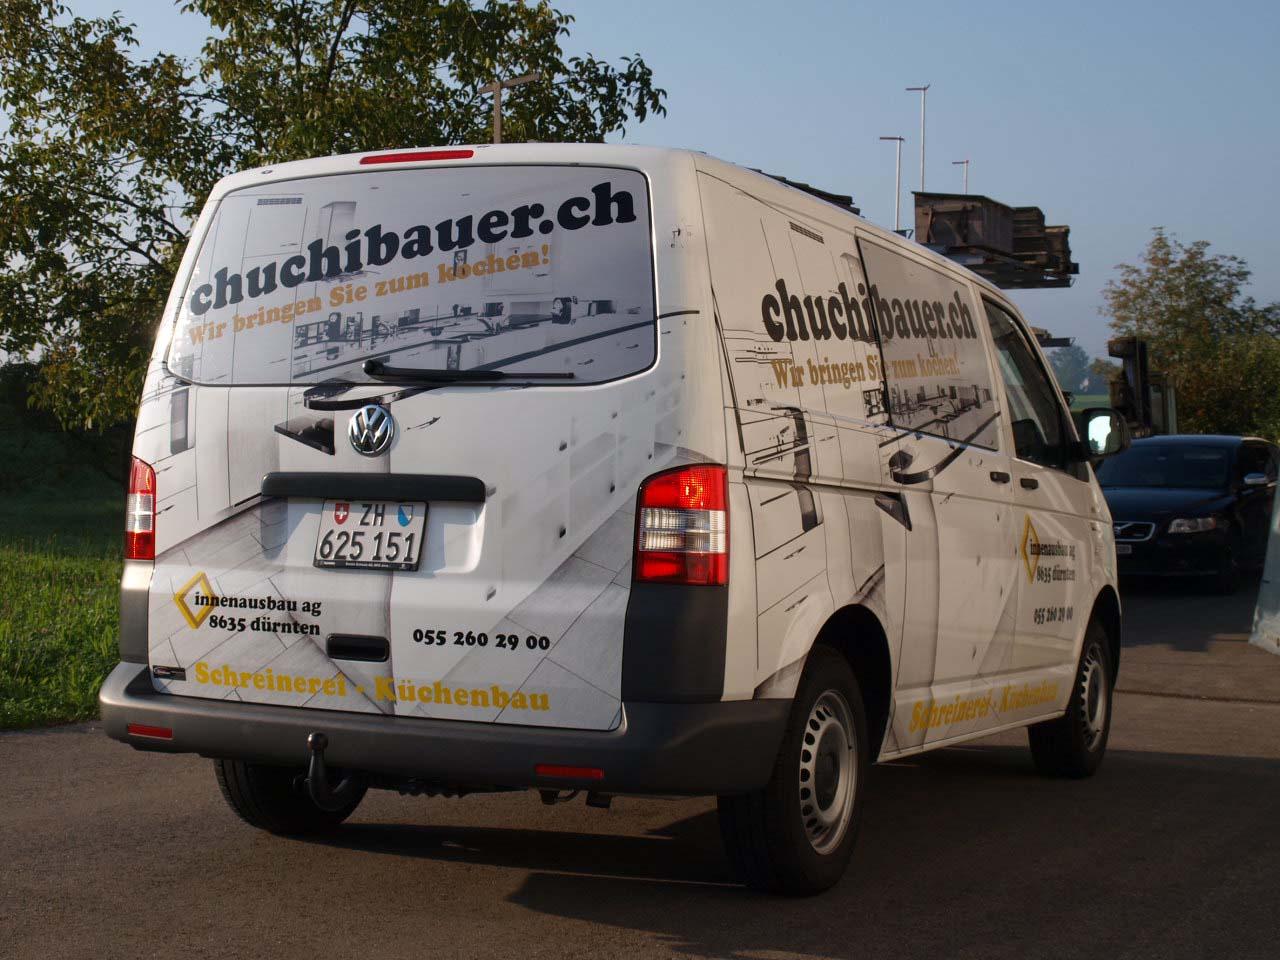 chuchibauer.ch